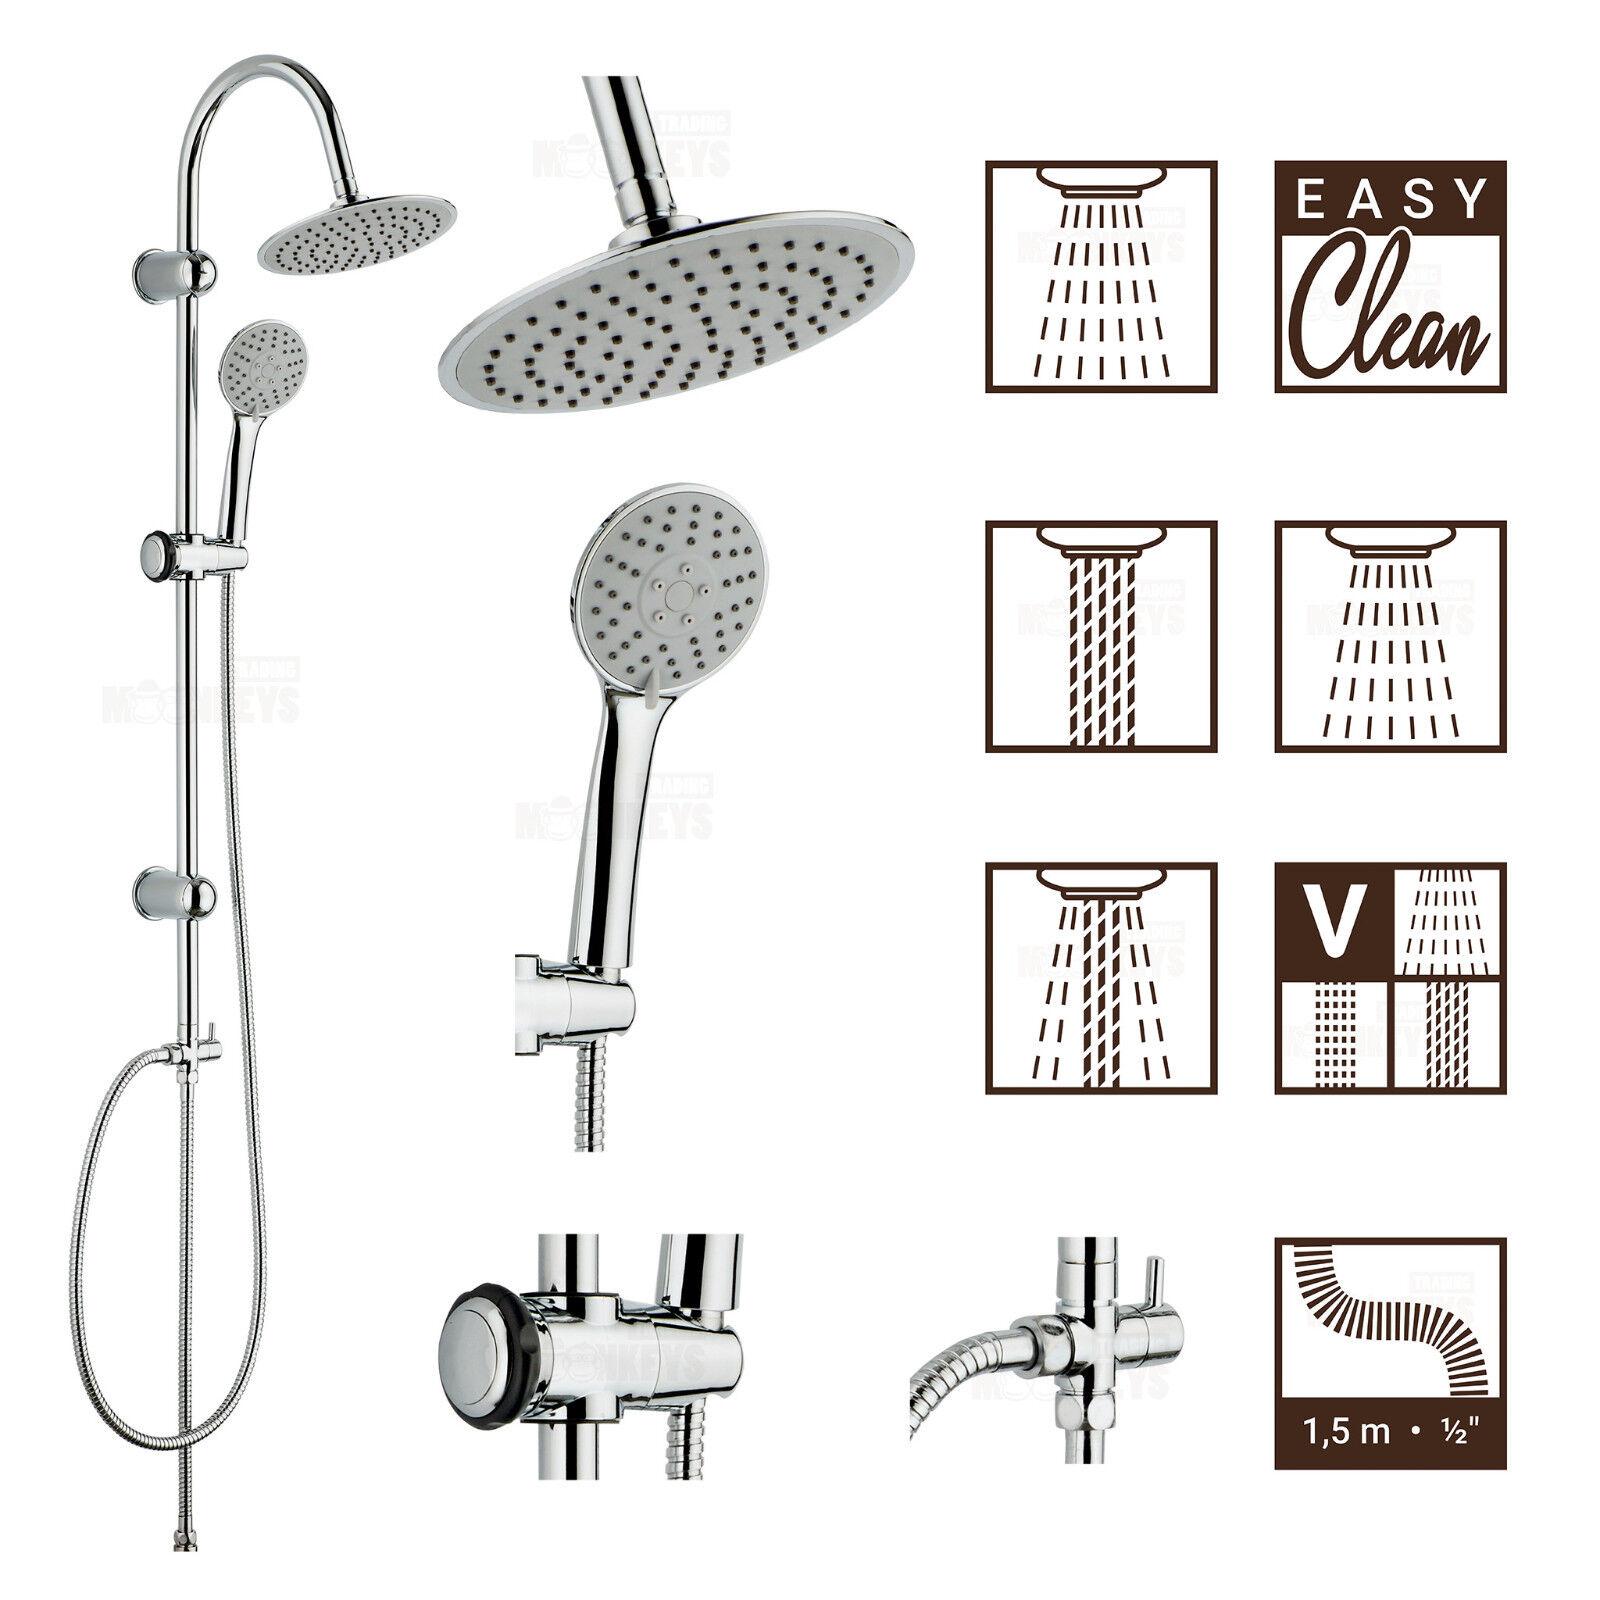 Überkopfbrause Set  548 Regendusche Duschset Duschsäule Kopfbrause Handbrause | Passend In Der Farbe  | Verwendet in der Haltbarkeit  | Wirtschaftlich und praktisch  | Smart